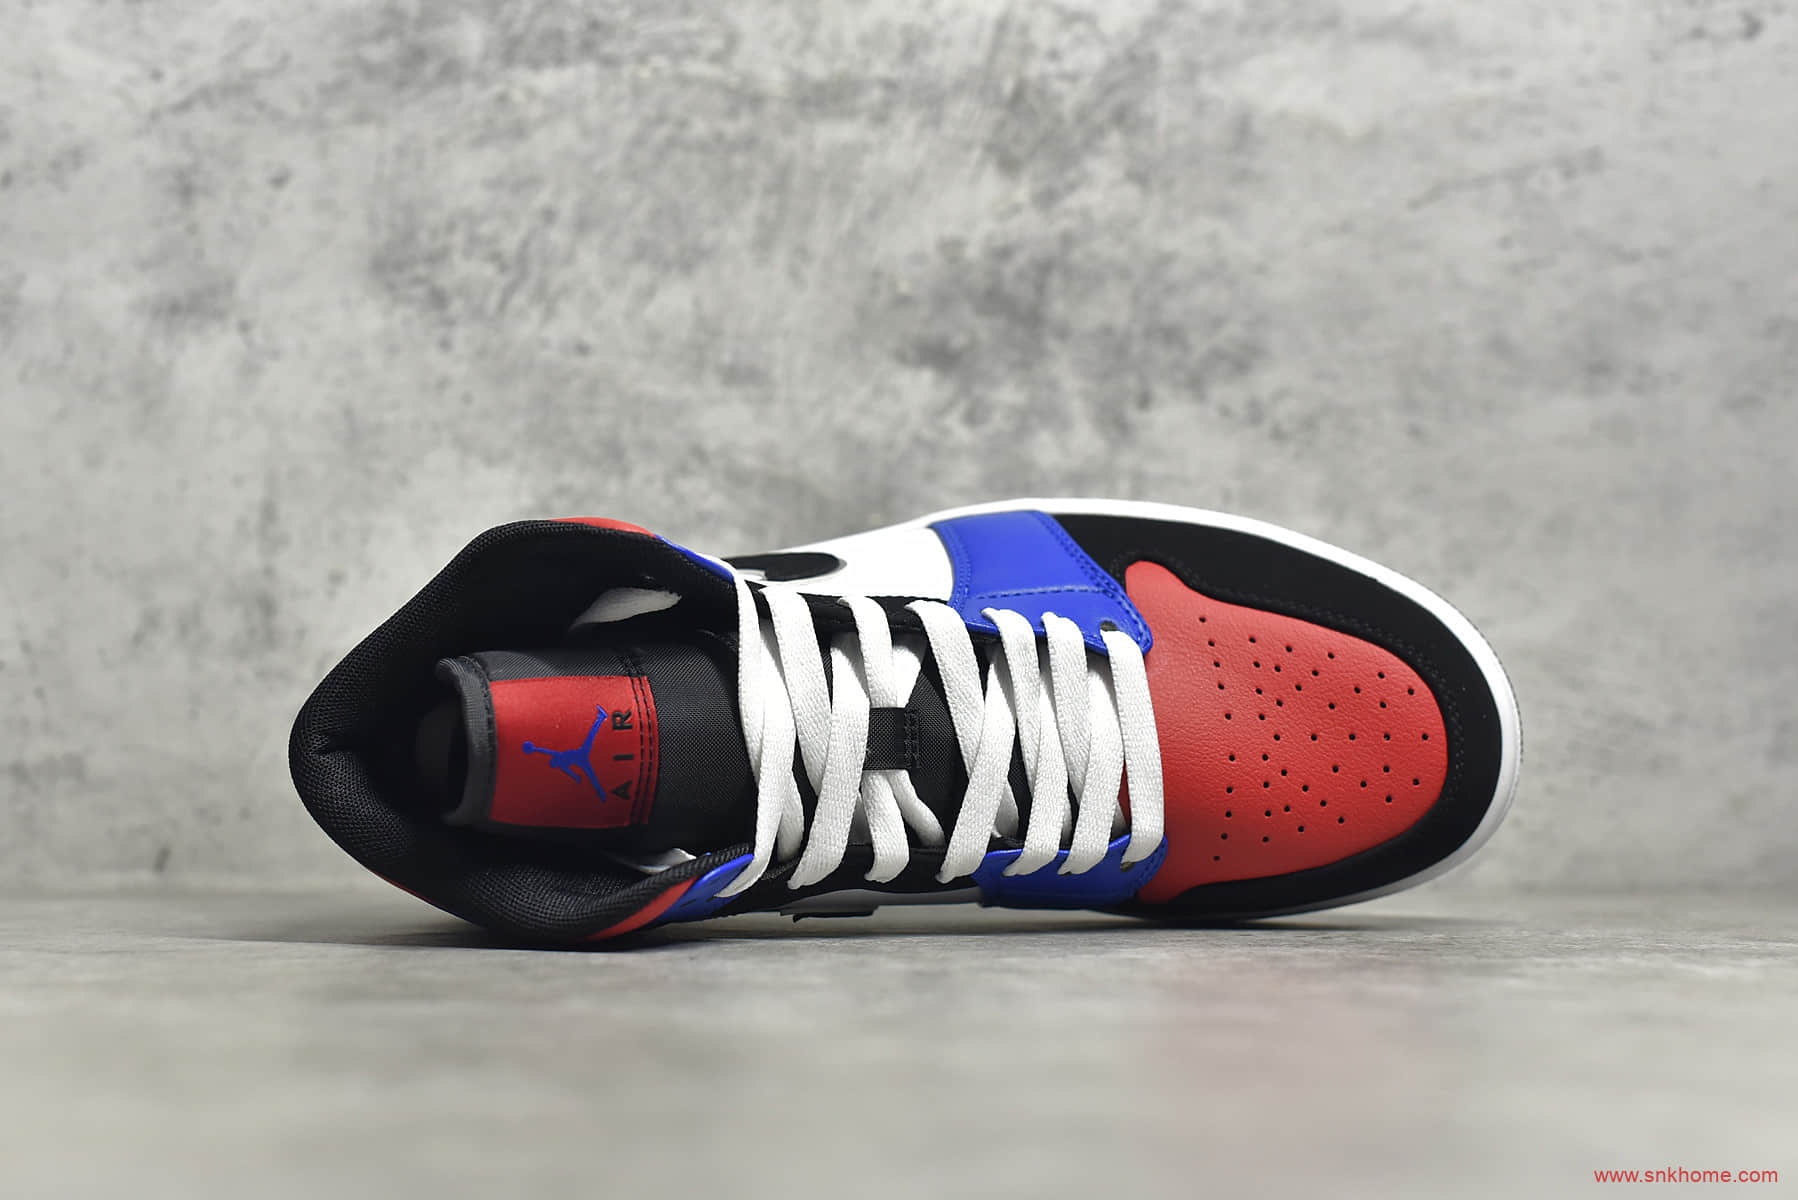 AJ1中帮黑红蓝白拼接 Air Jordan 1 MiD 纯原版本AJ1中帮耐克代工厂货源 货号:554724-124-潮流者之家